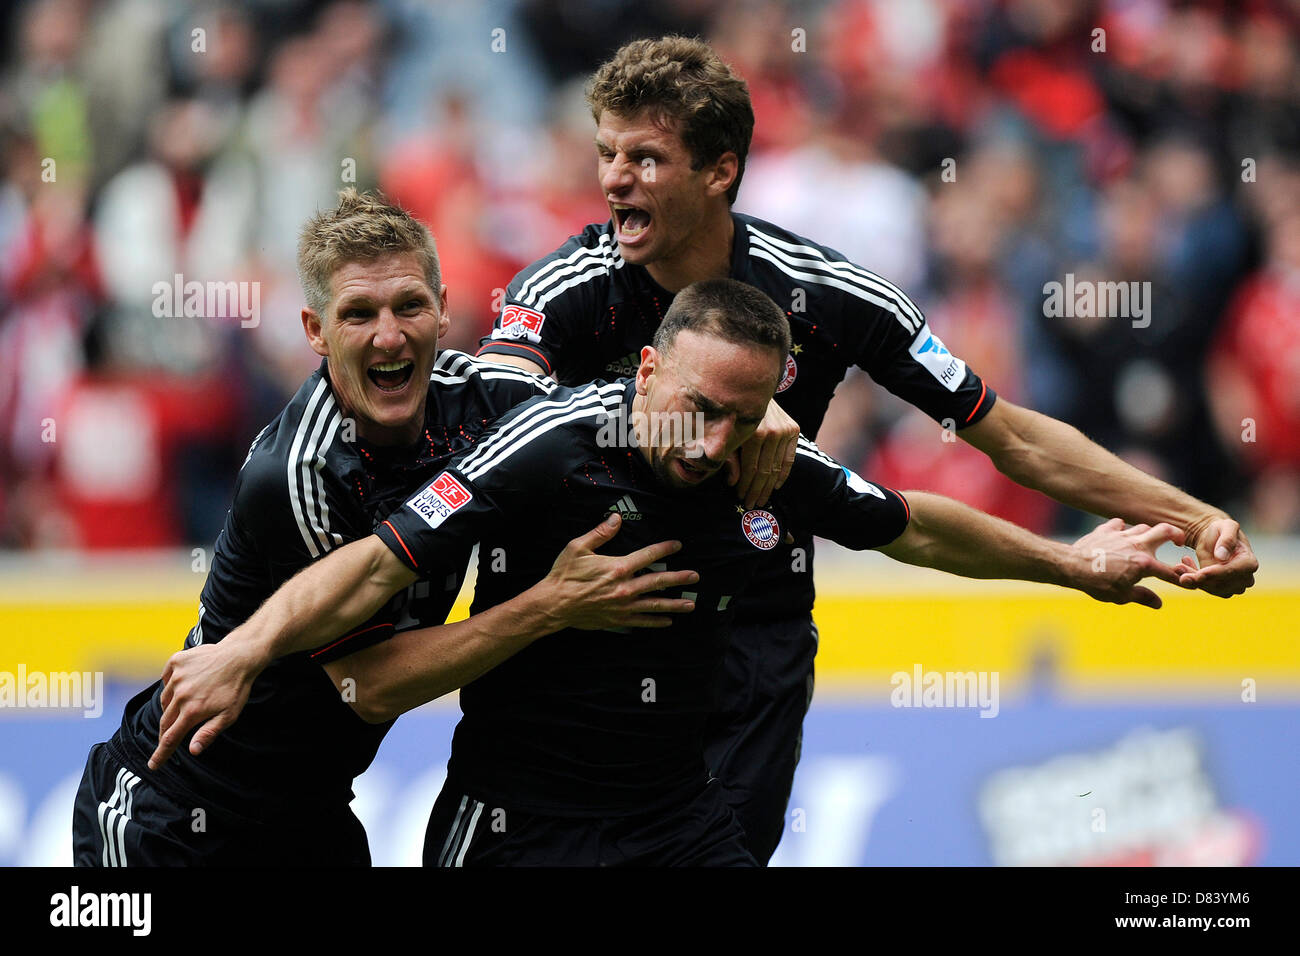 Fußball Bundesliga 34. Spieltag: Borussia Mönchengladbach - FC Bayern München am 18.05.2013 im Borussia-Park in Stock Photo